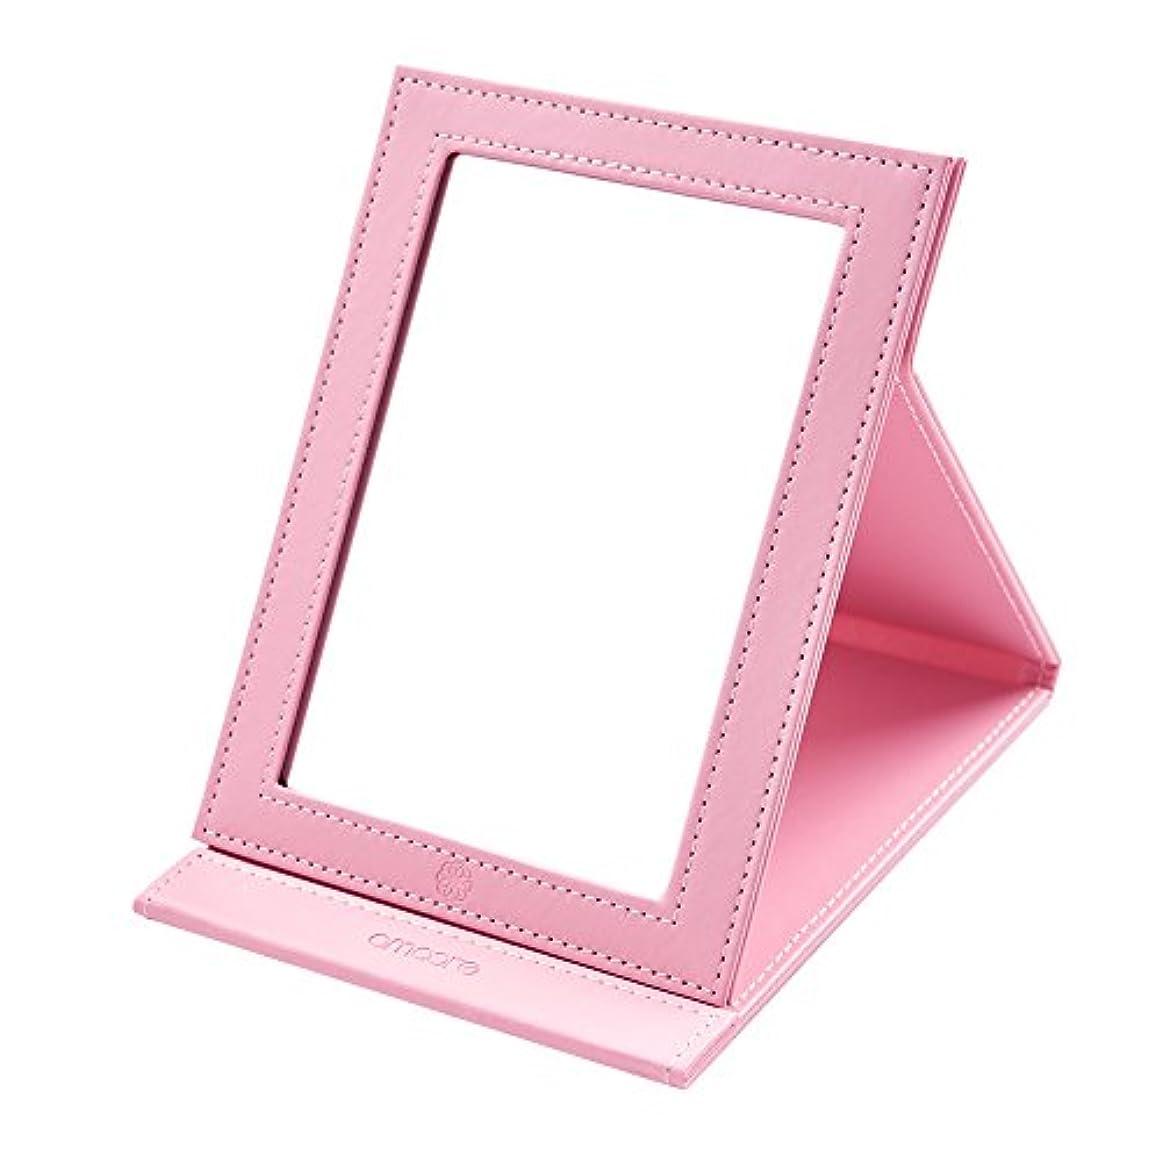 道徳教育インディカ改革amoore 化粧鏡 卓上スタンドミラー 折りたたみミラー 角度調整 上質PUレザー使用 (ビッグ, ピンク)